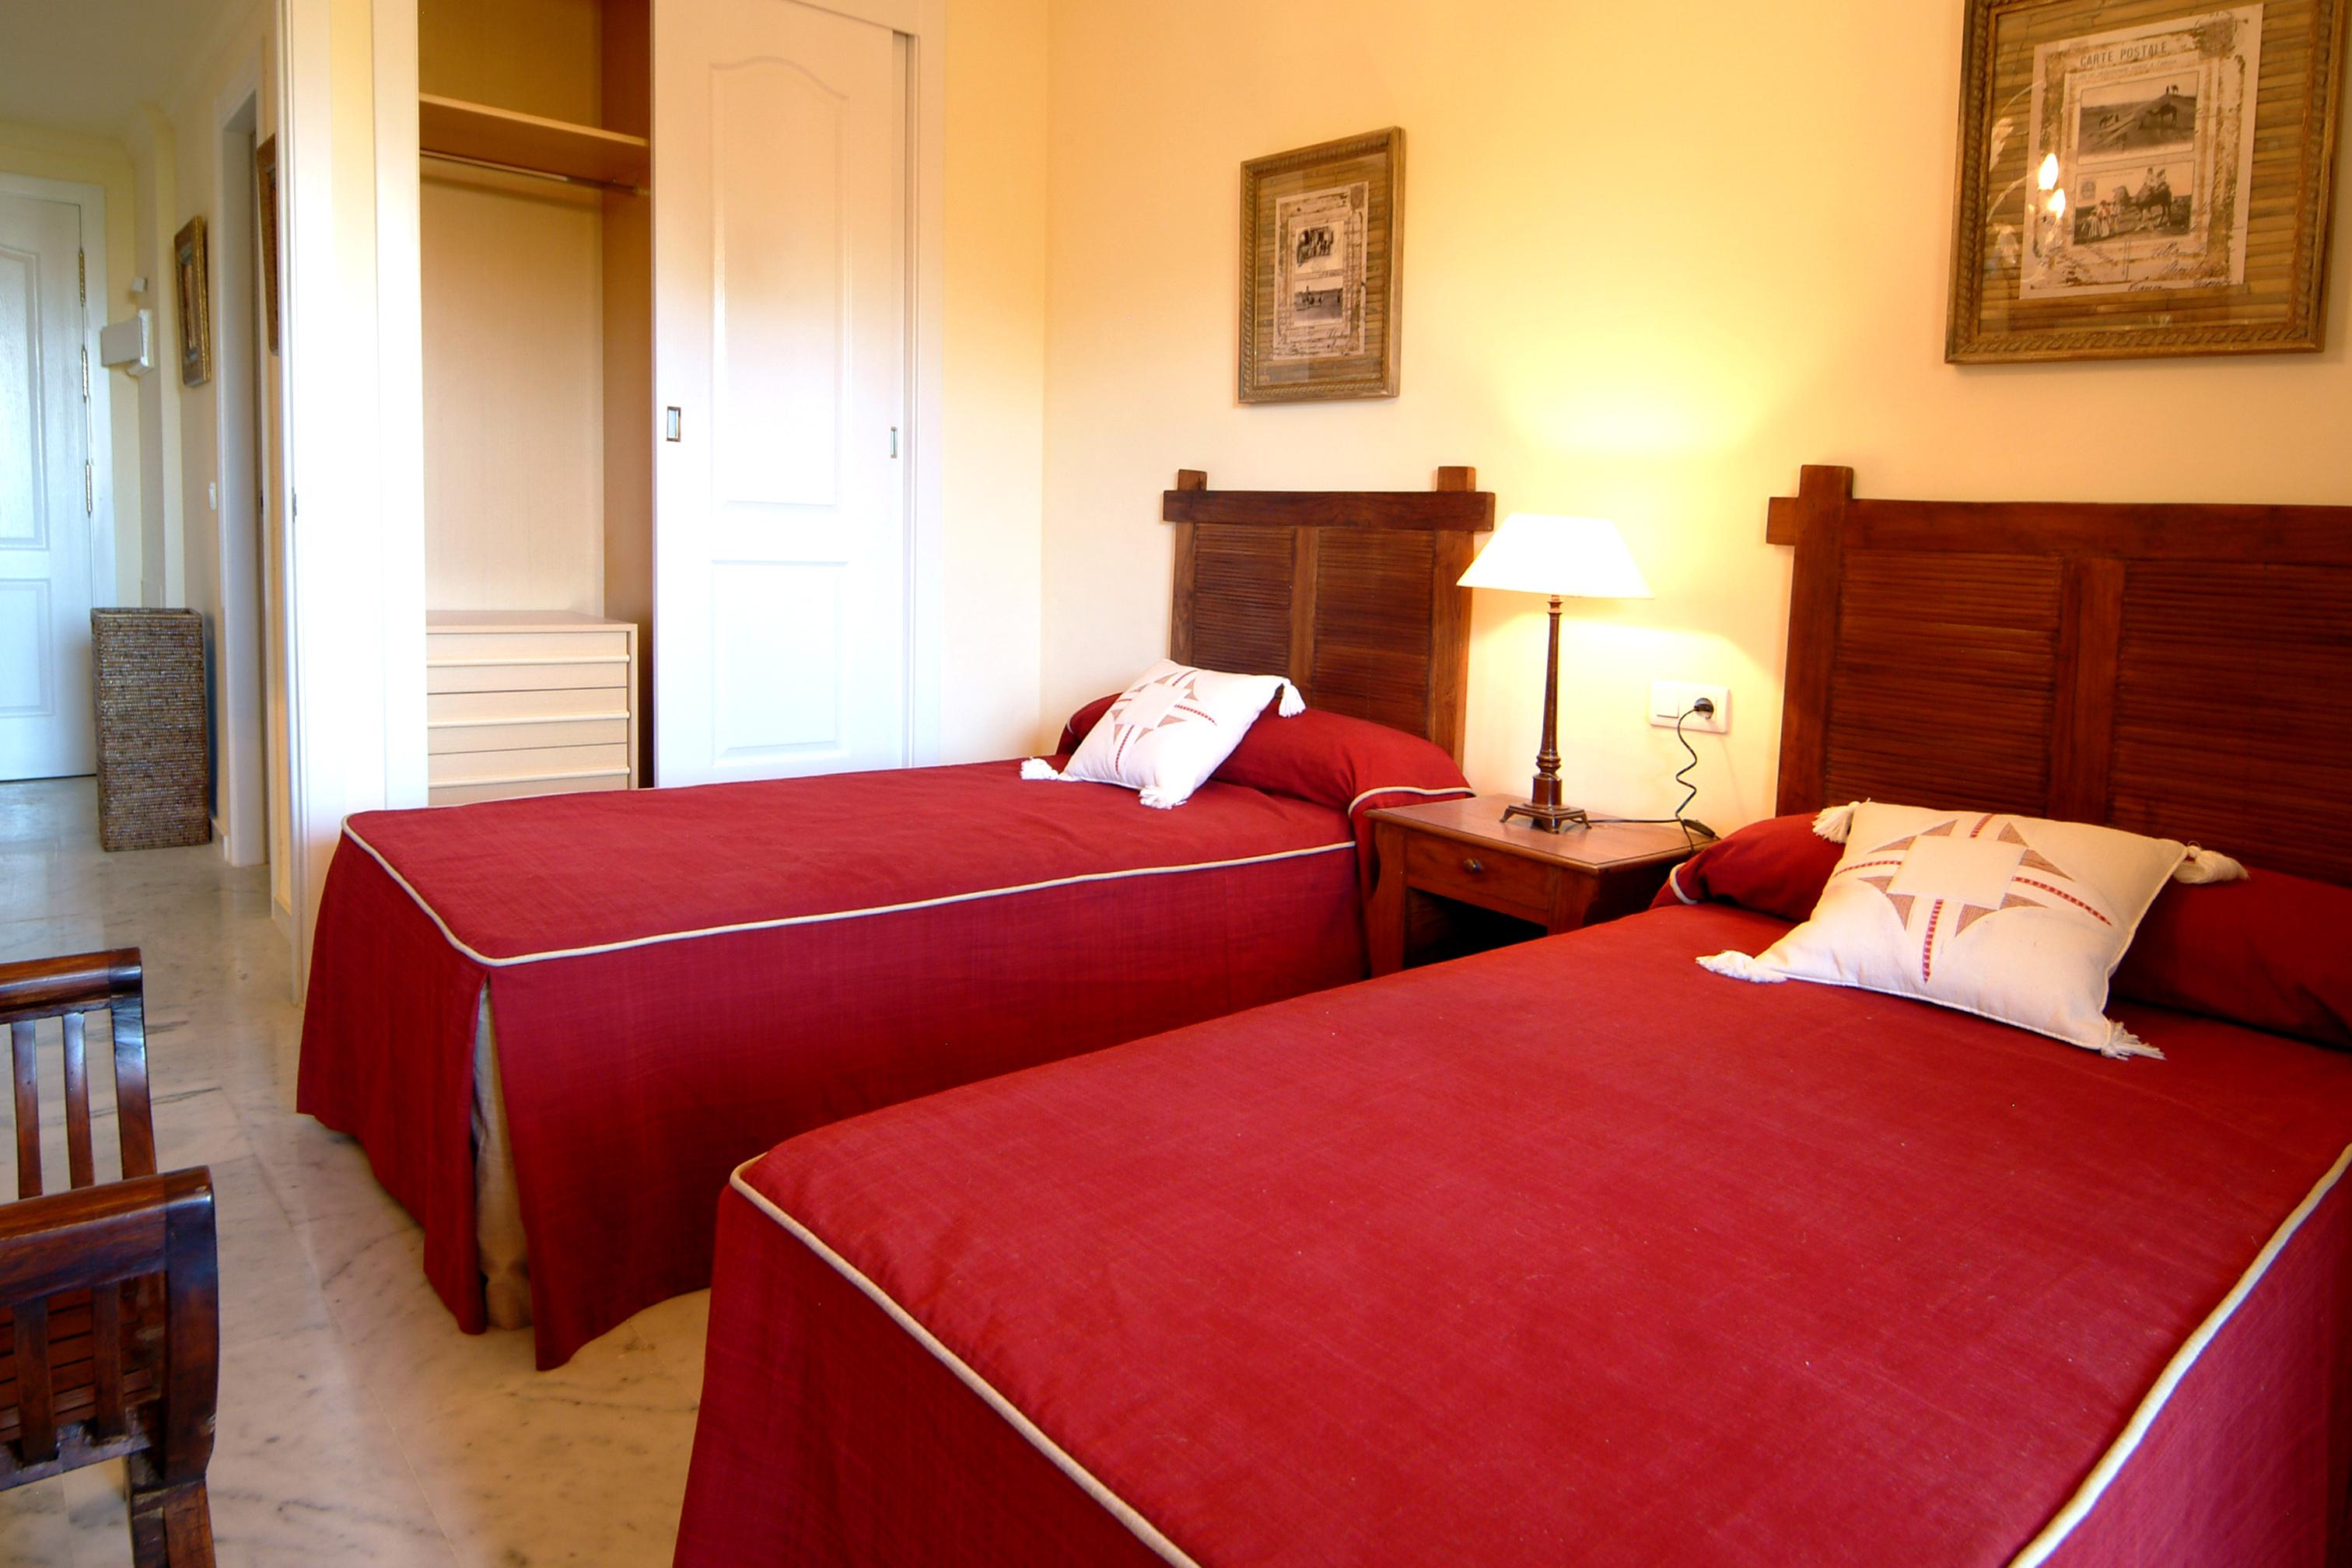 Fotografia decoración de interiores dormitorio